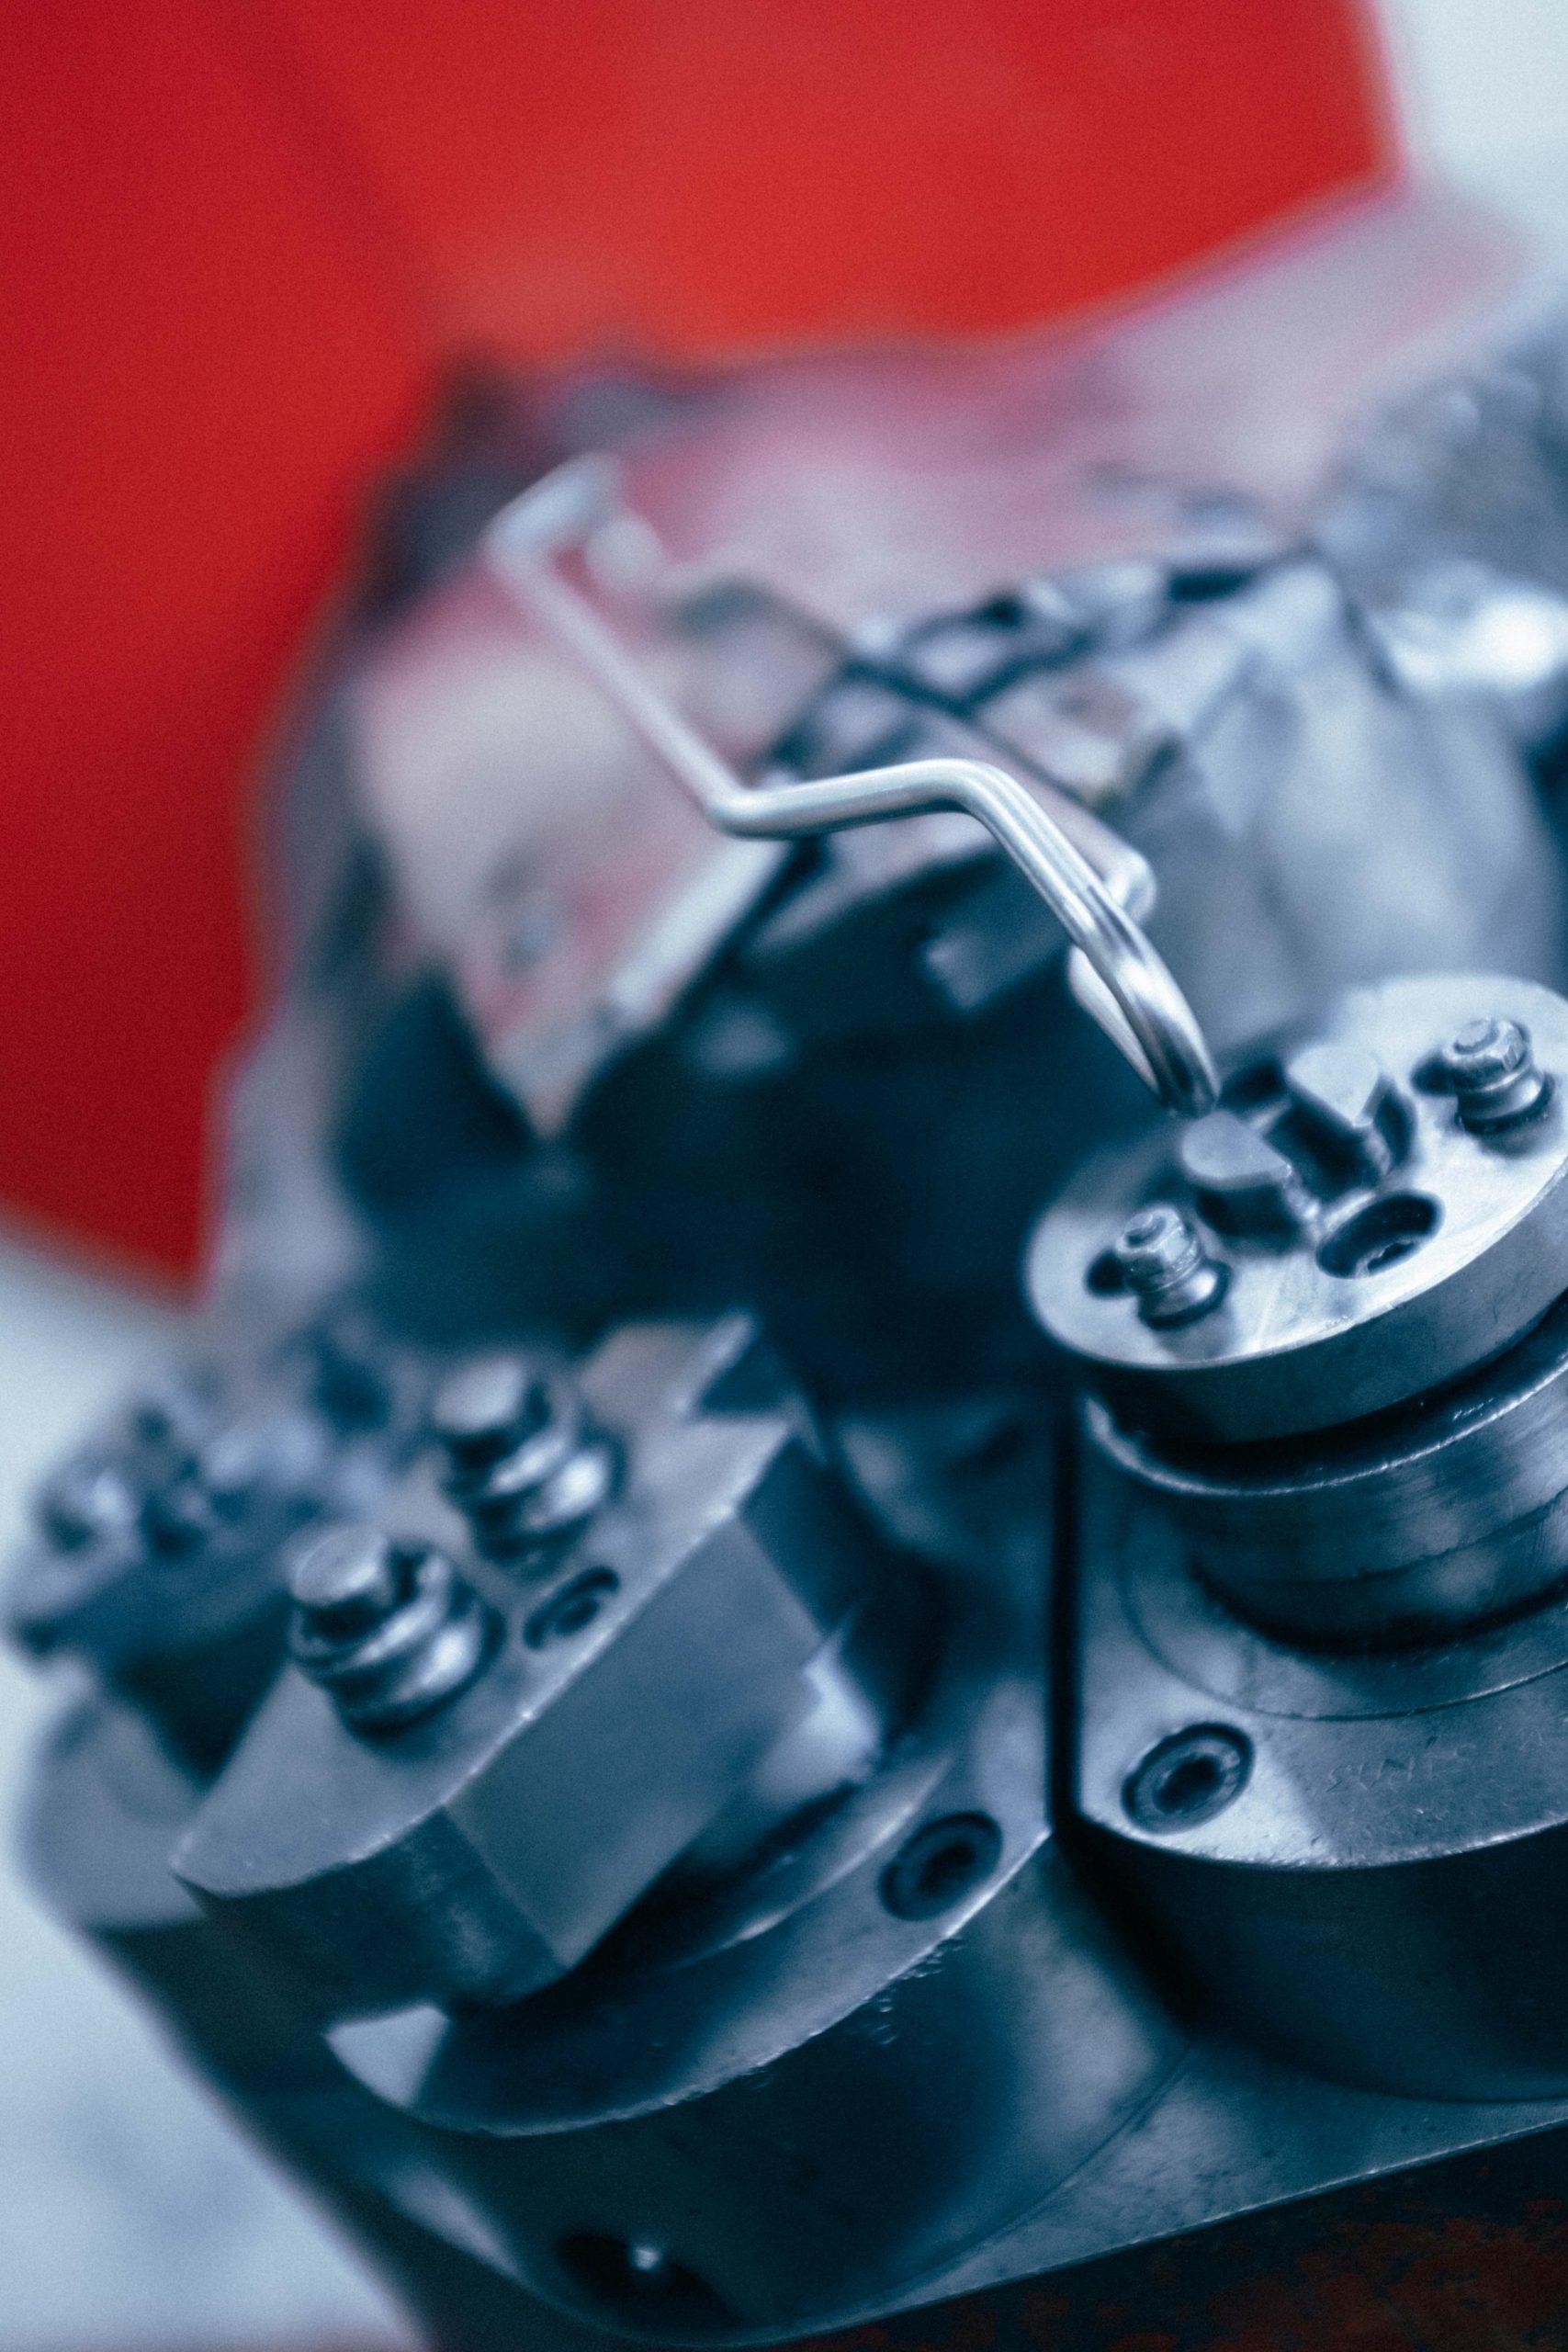 Une machine à commande numérique fabrique une pièce à partir de fil métallique cintrage